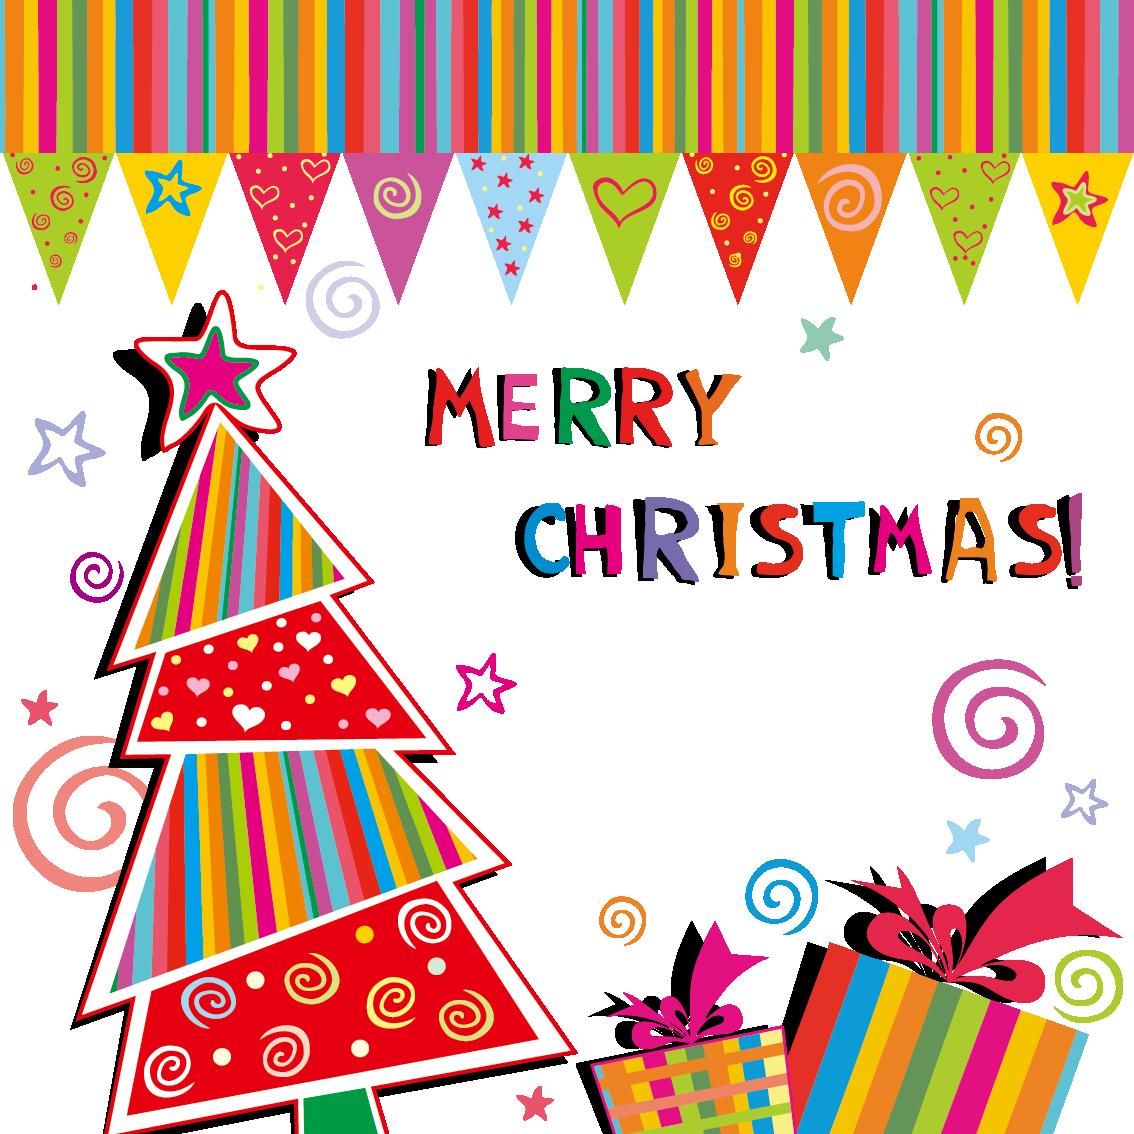 christmas-image008.png